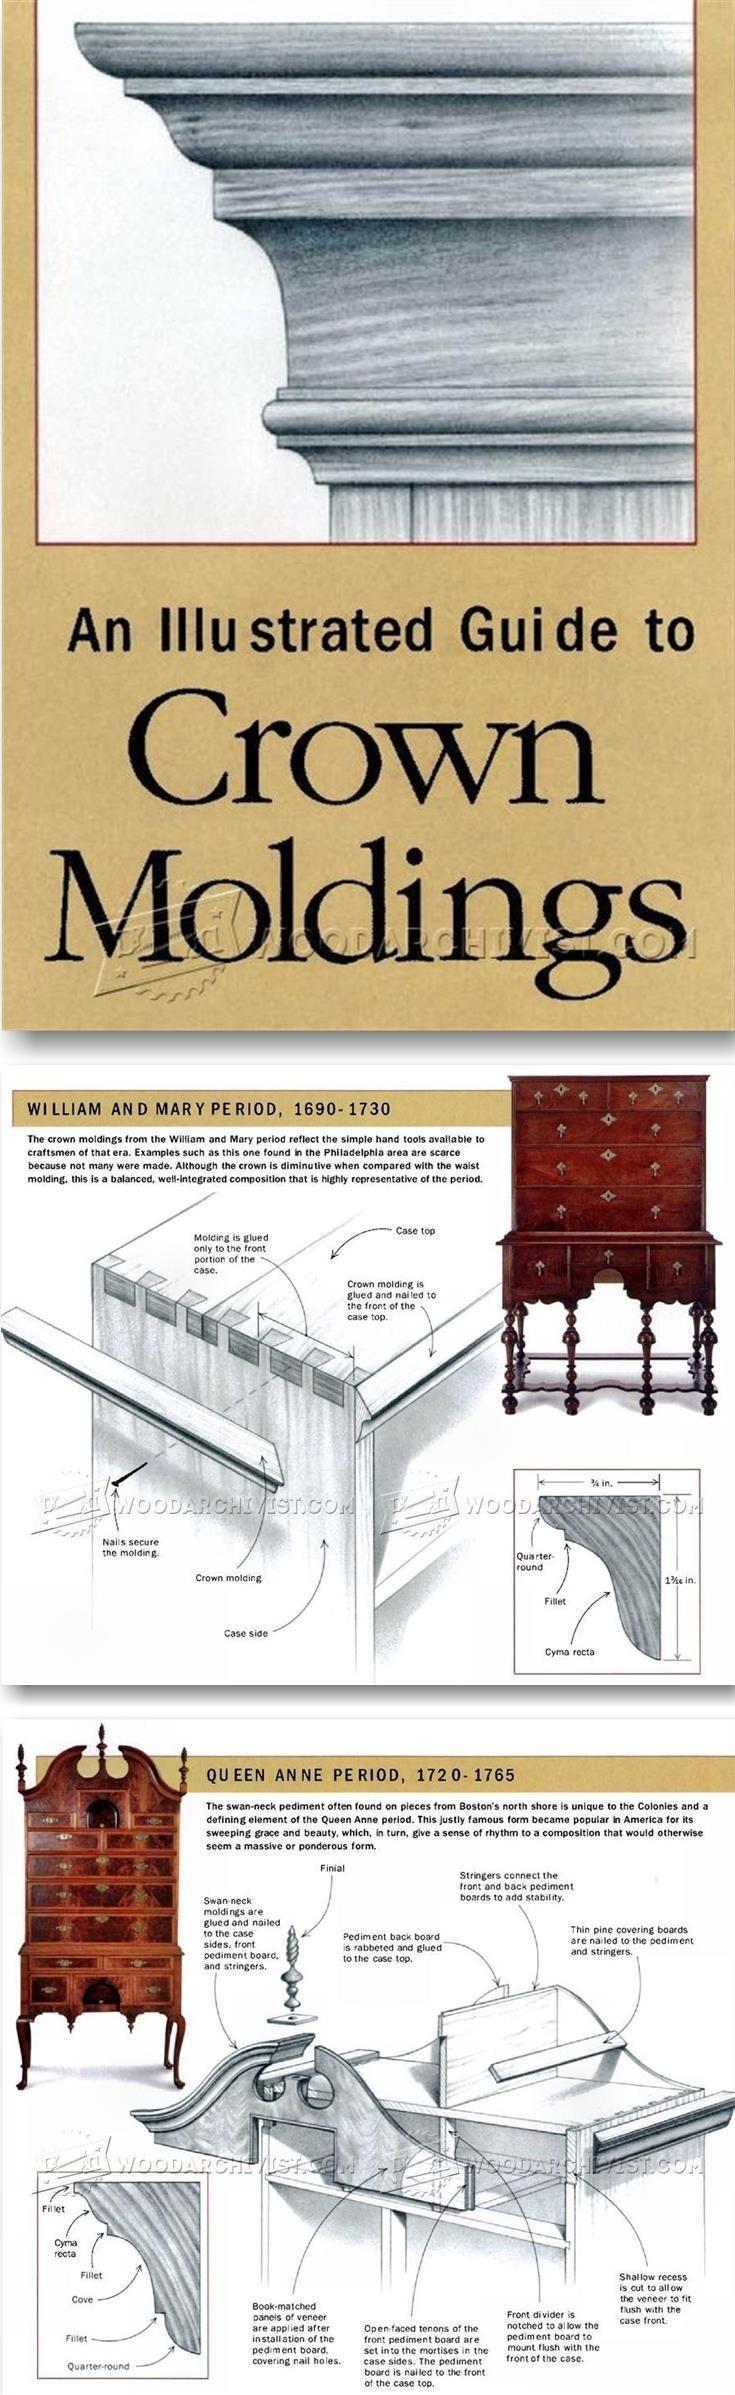 Crown Moldings - Furniture Molding Construction Techniques   WoodArchivist.com